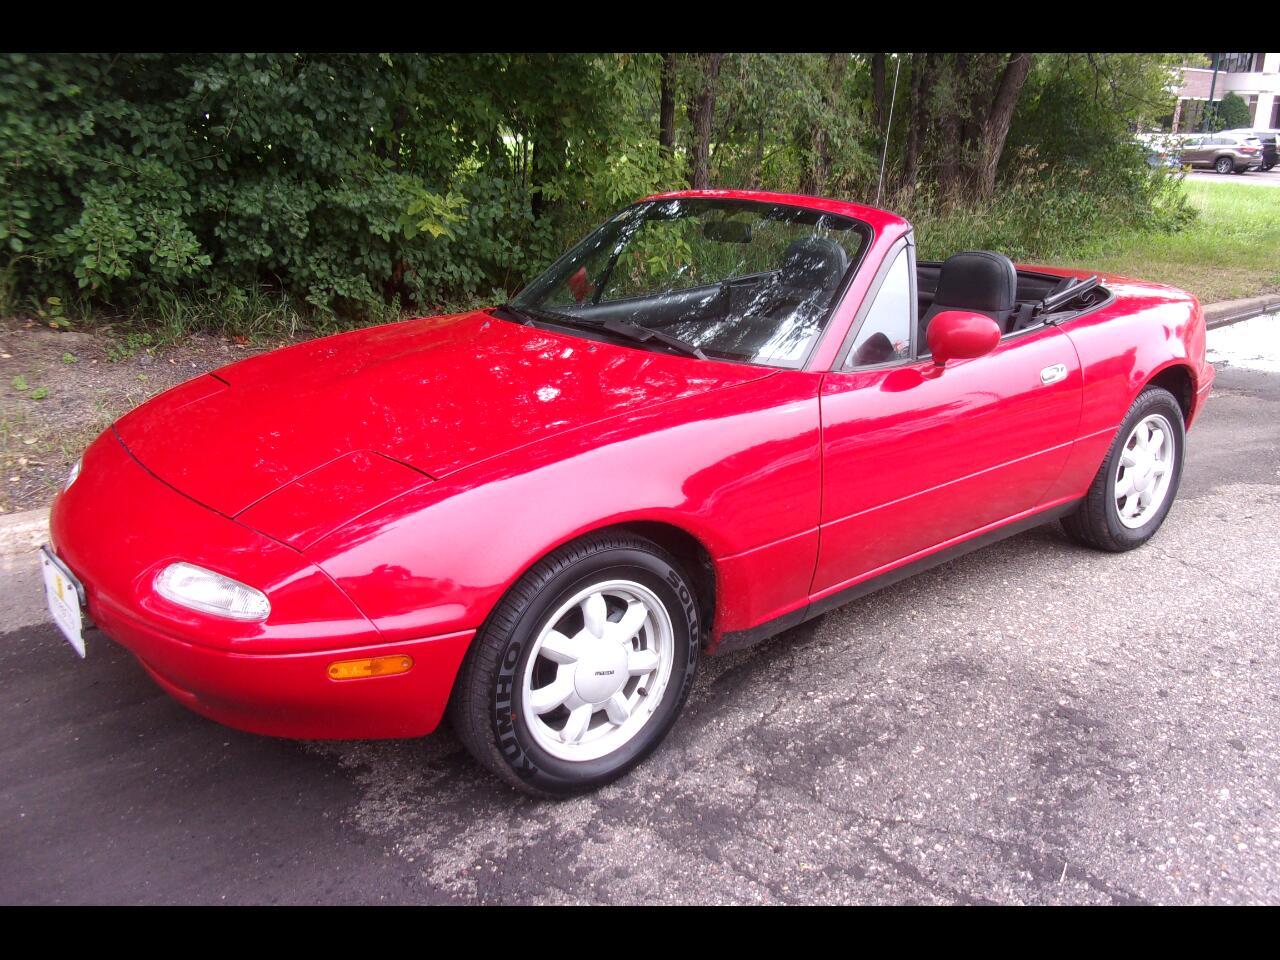 Mazda MX-5 Miata 2dr Coupe Convertible 1992